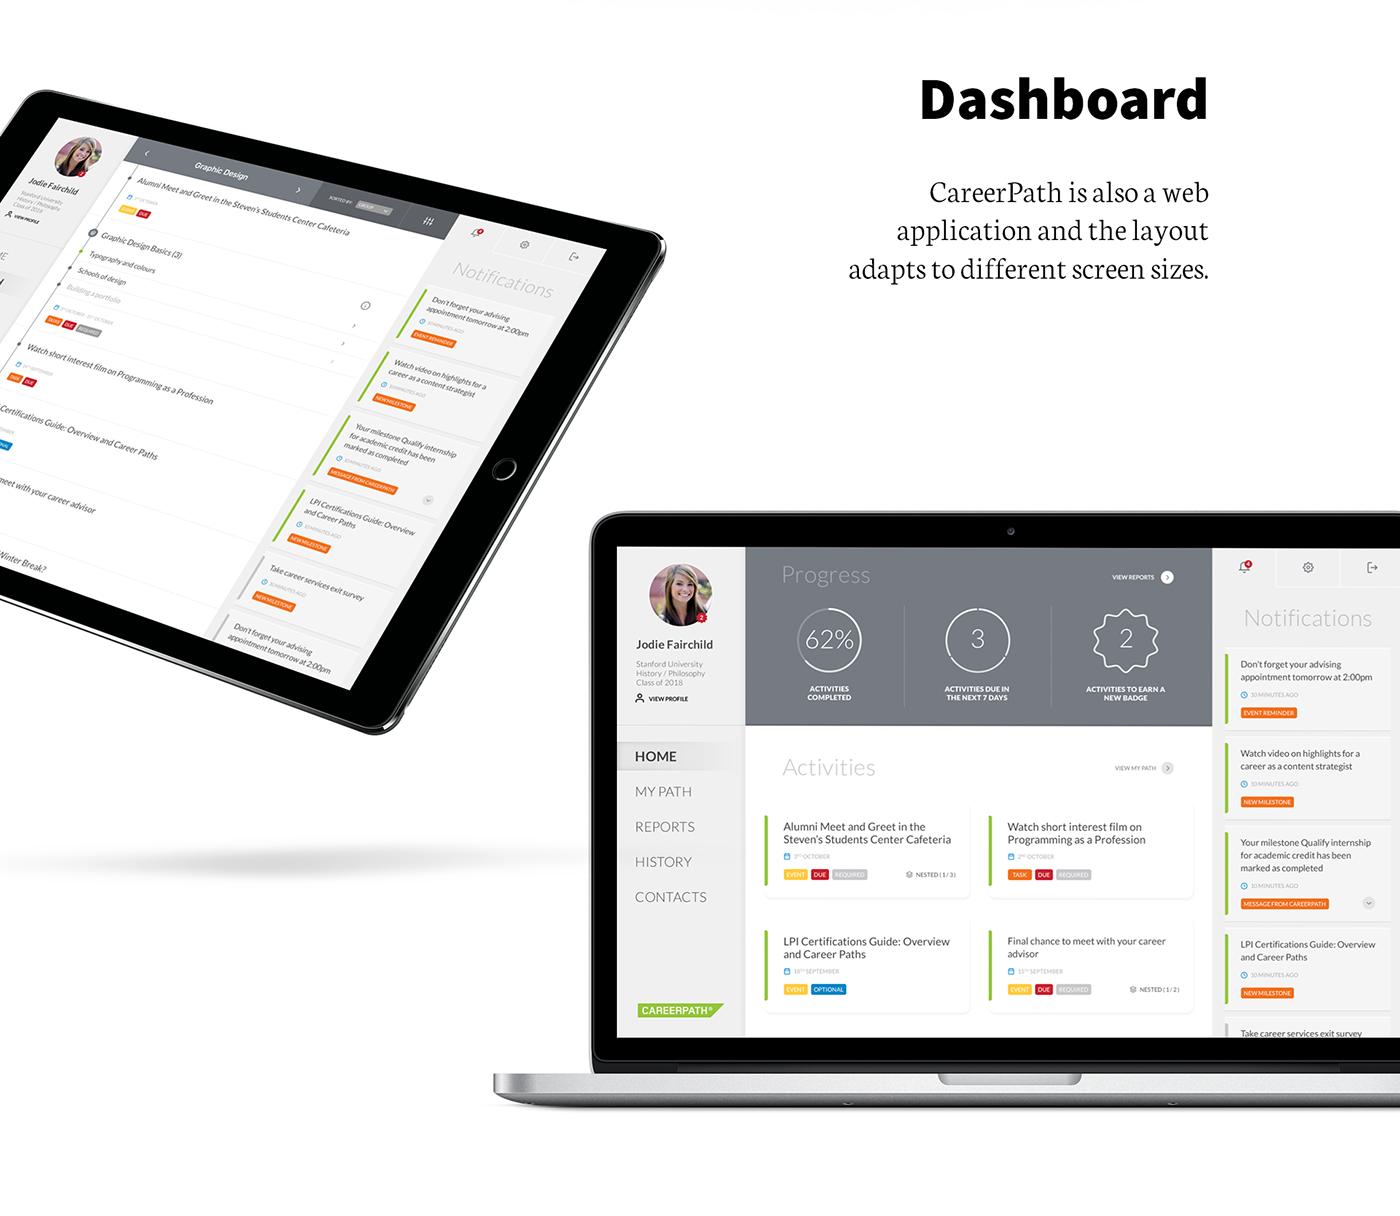 app college student career Education Badges stats Responsive dashboard timeline